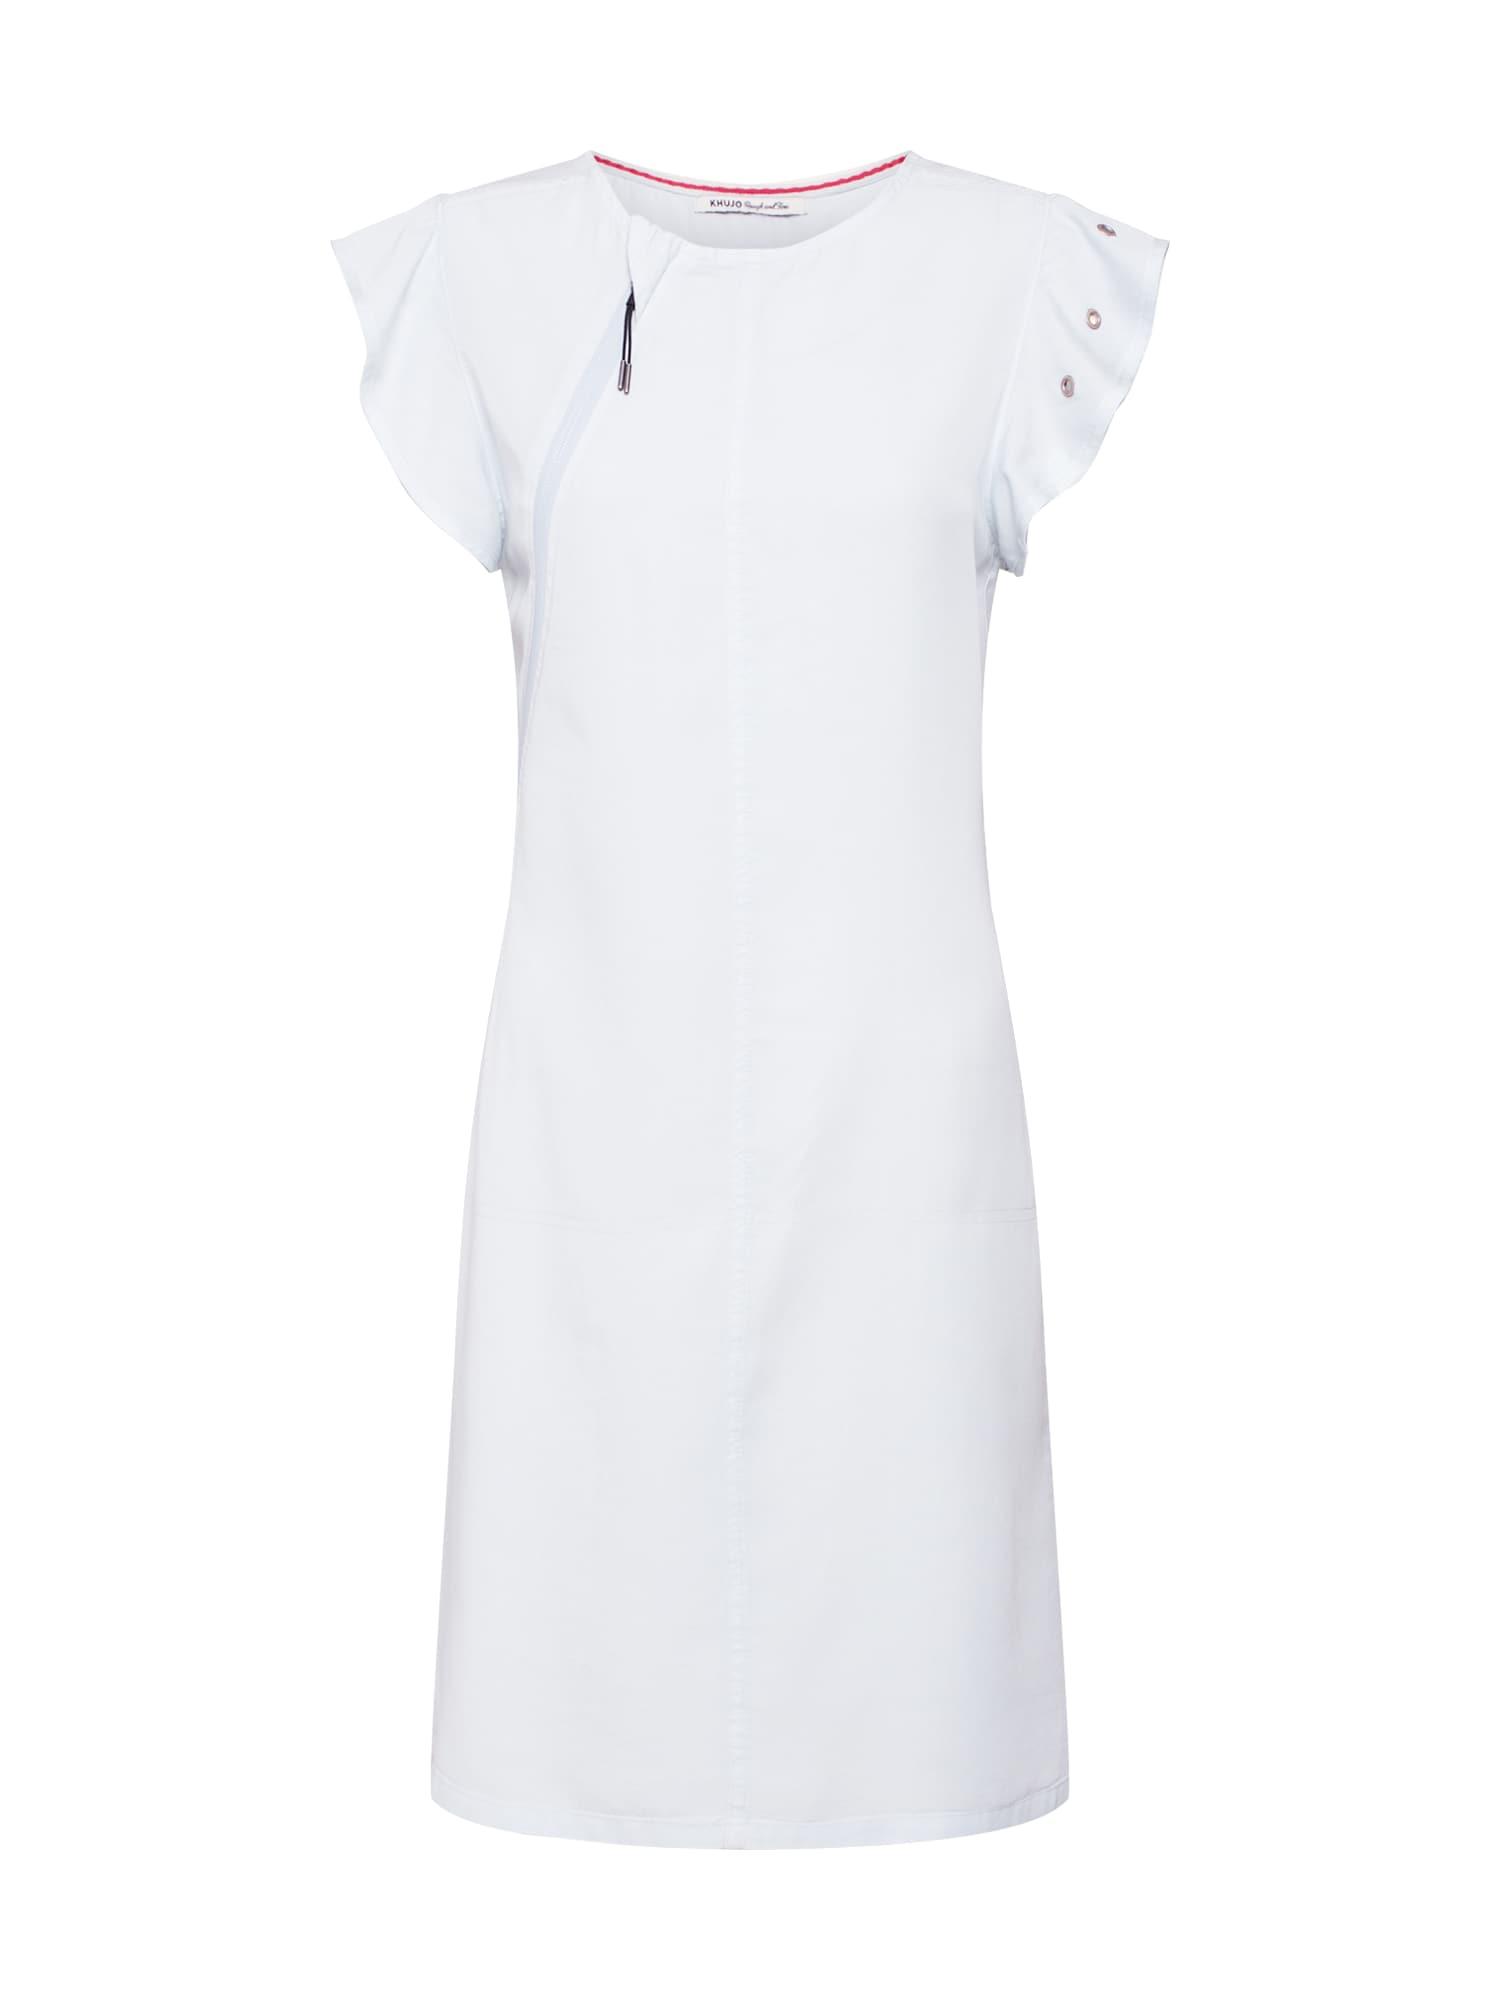 Šaty ARJUNA světlemodrá Khujo